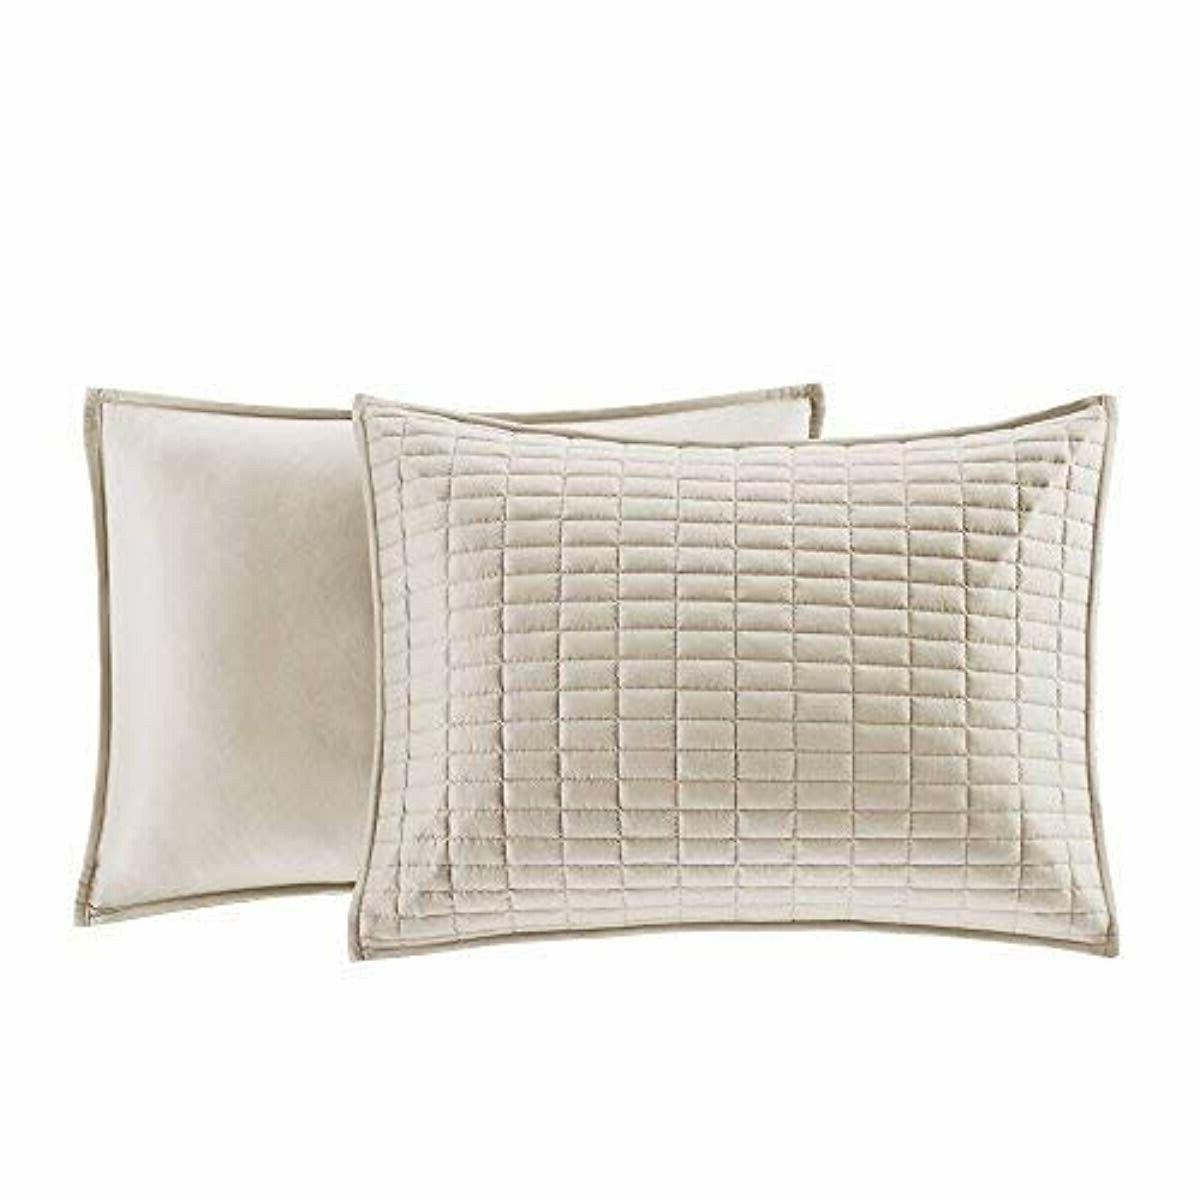 Comfort Spaces Quilt Set - 3 - Patter